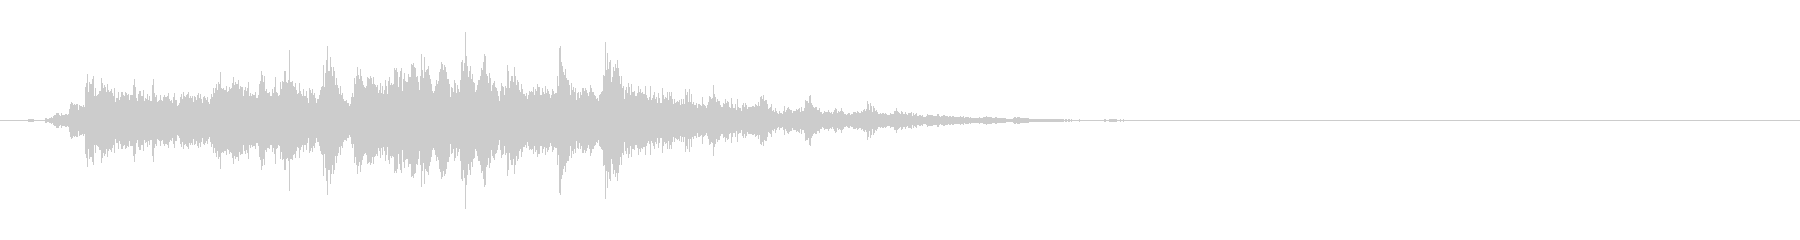 重めの鈴の音「えきろ」の単発音2+Fxの未再生の波形